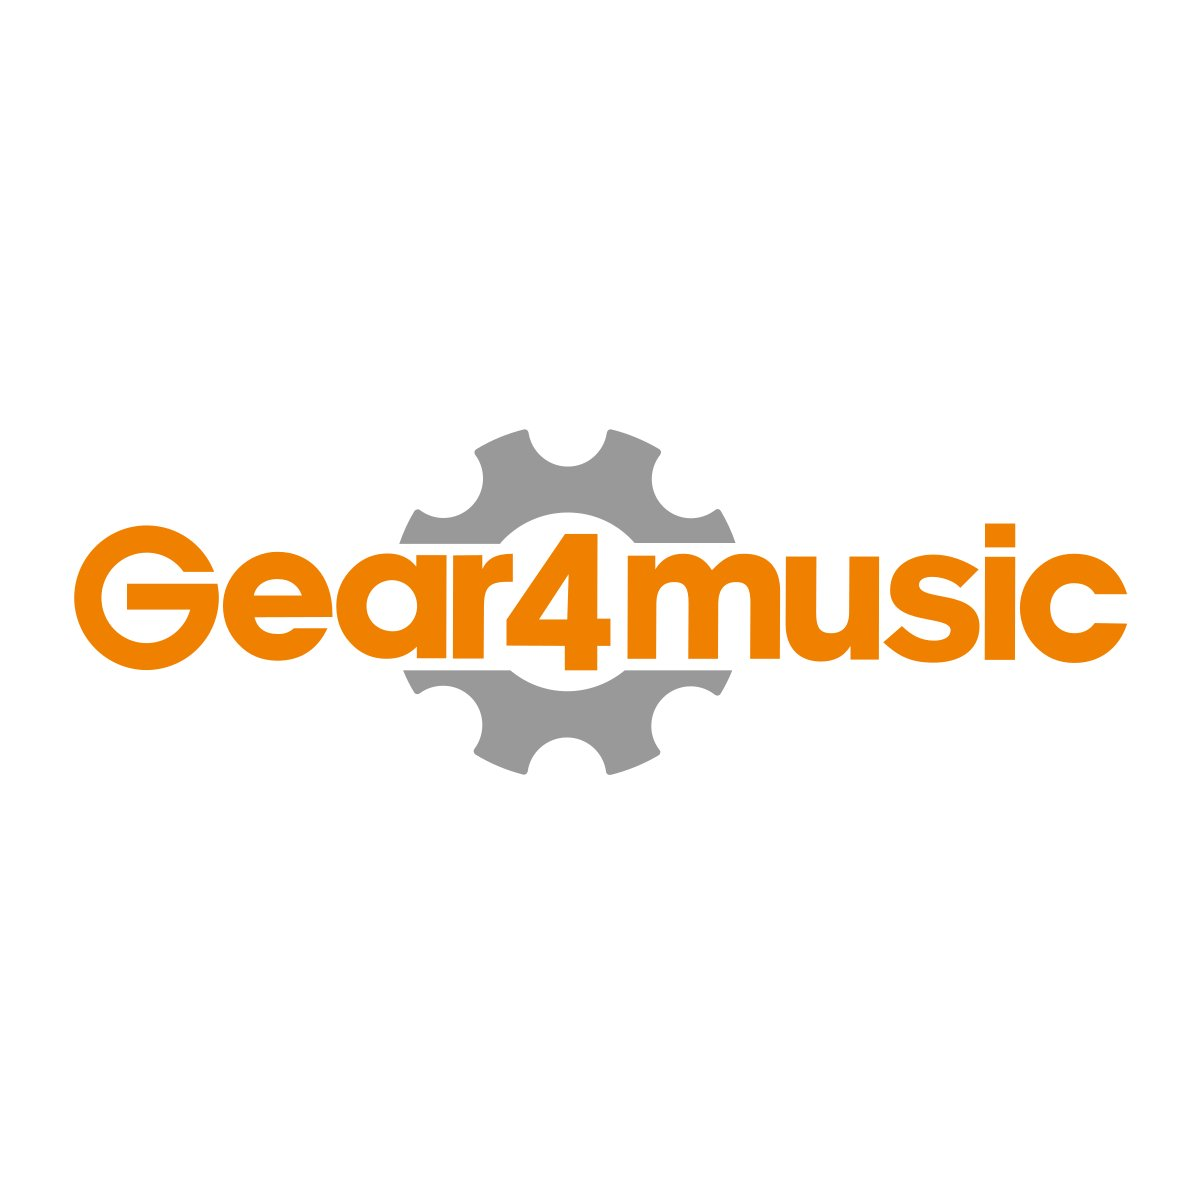 3/4 LA Vänsterhänt Elgitarr av Gear4music, Svart